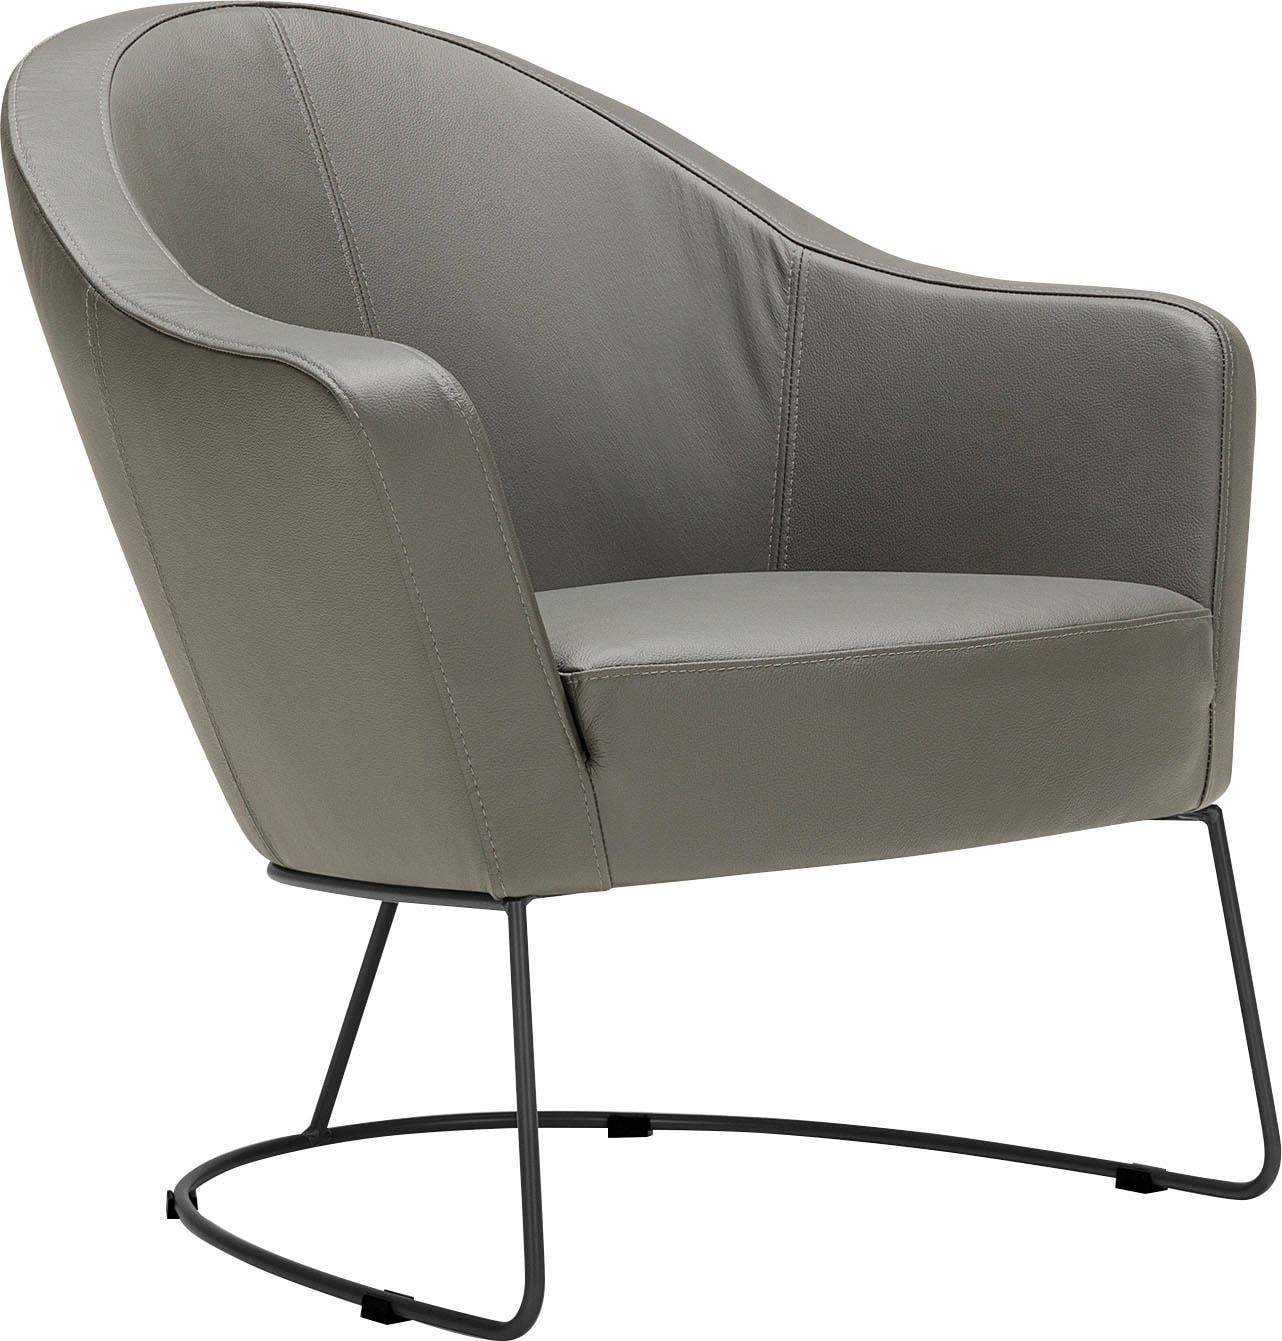 LOVI Loungesessel Grape, Metallrahmen grau, Sitzfläche in hochwertigem Form günstig online kaufen